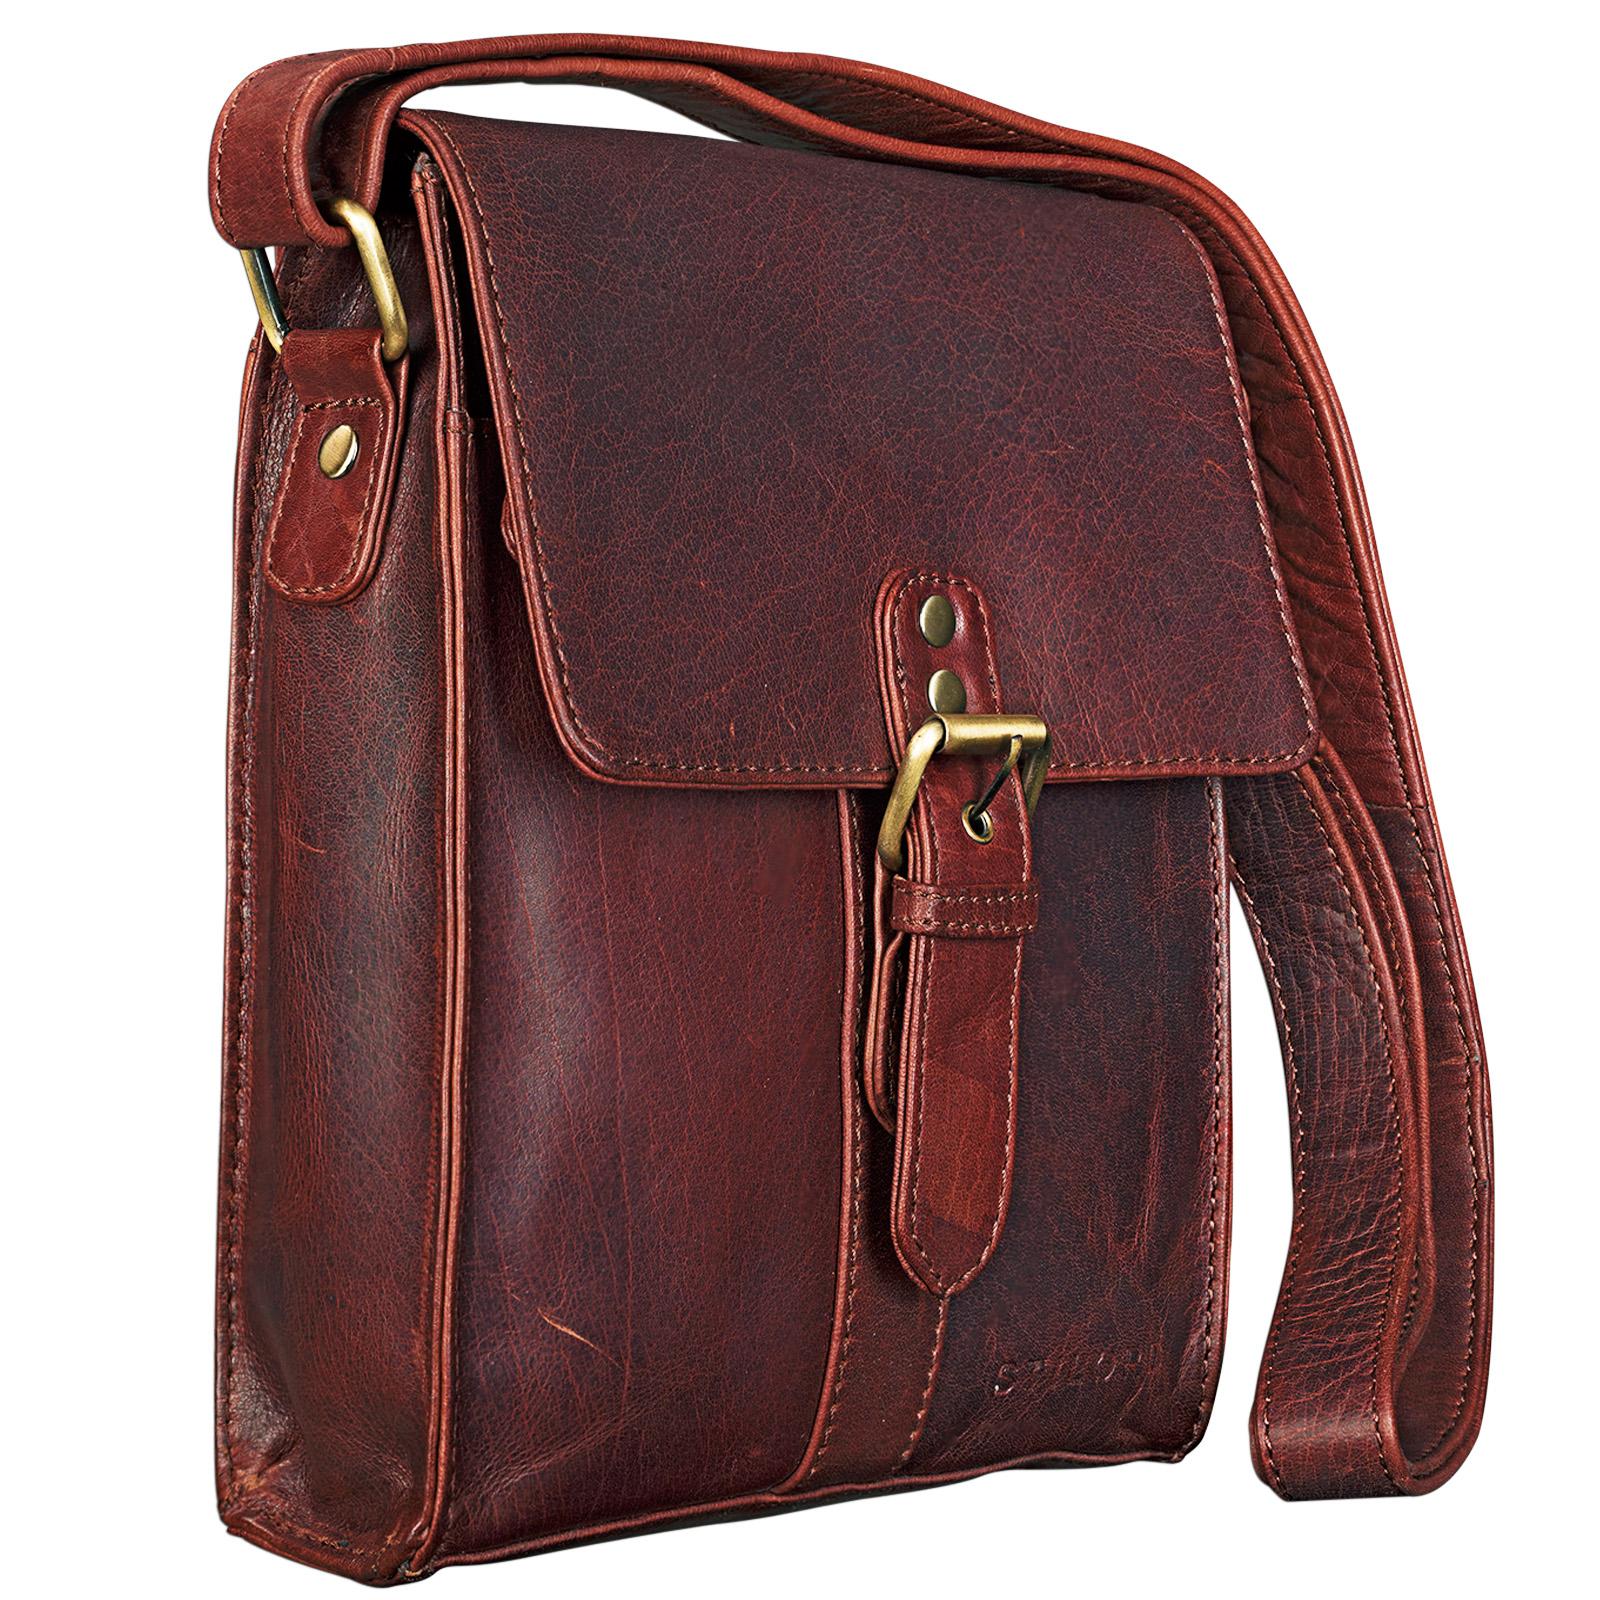 """STILORD """"Kilian"""" Vintage Umhängetasche Leder klein Unisex Messenger Bag für 8,4 Zoll Tablets Schultertasche Herren Damen echtes Leder - Bild 2"""